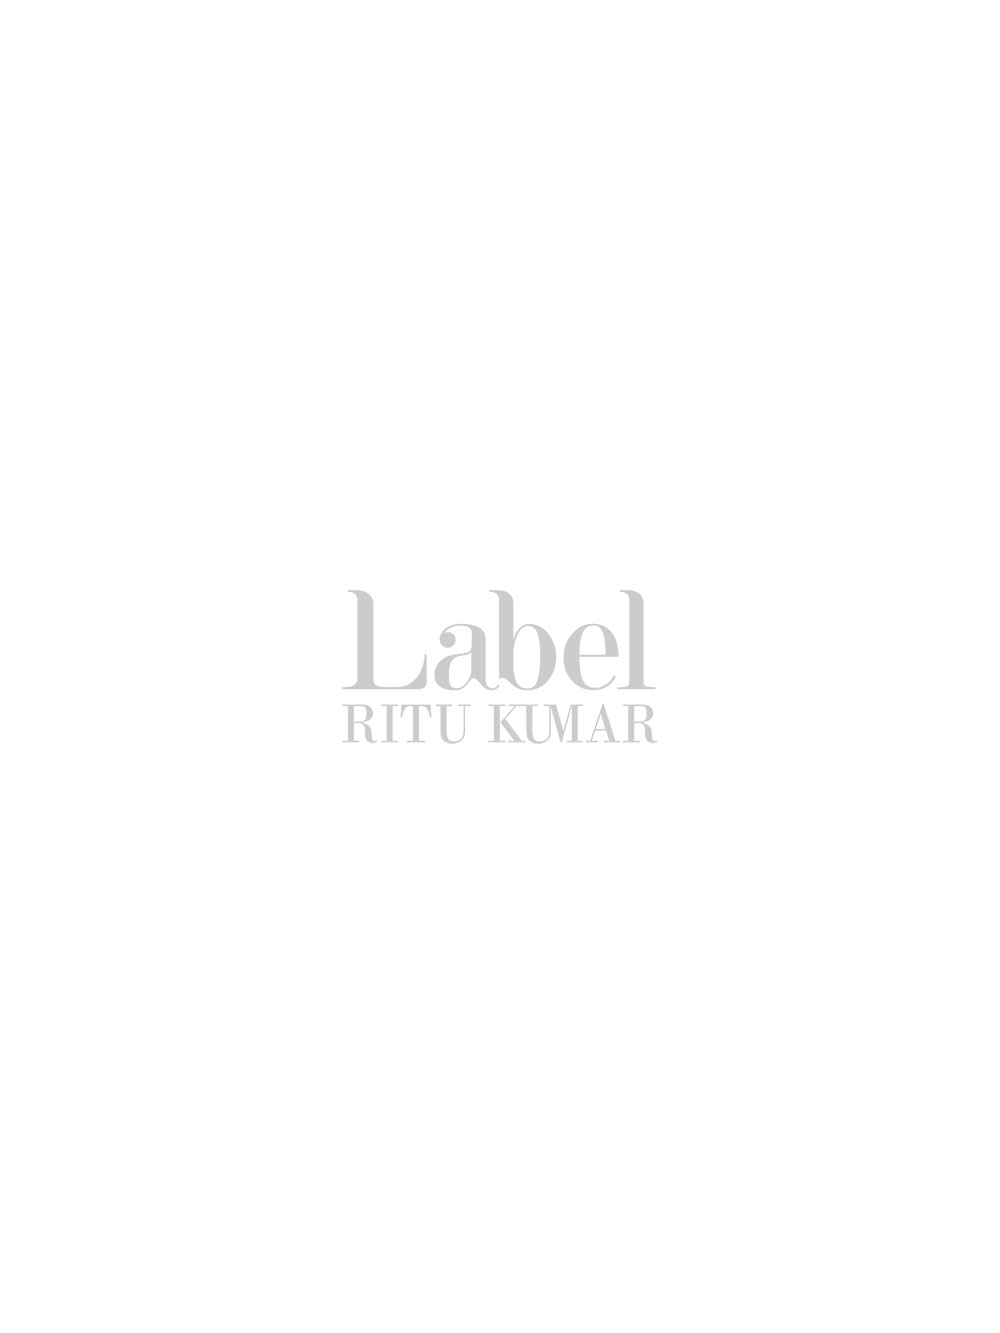 Blue Printed Short Top By Label Ritu Kumar